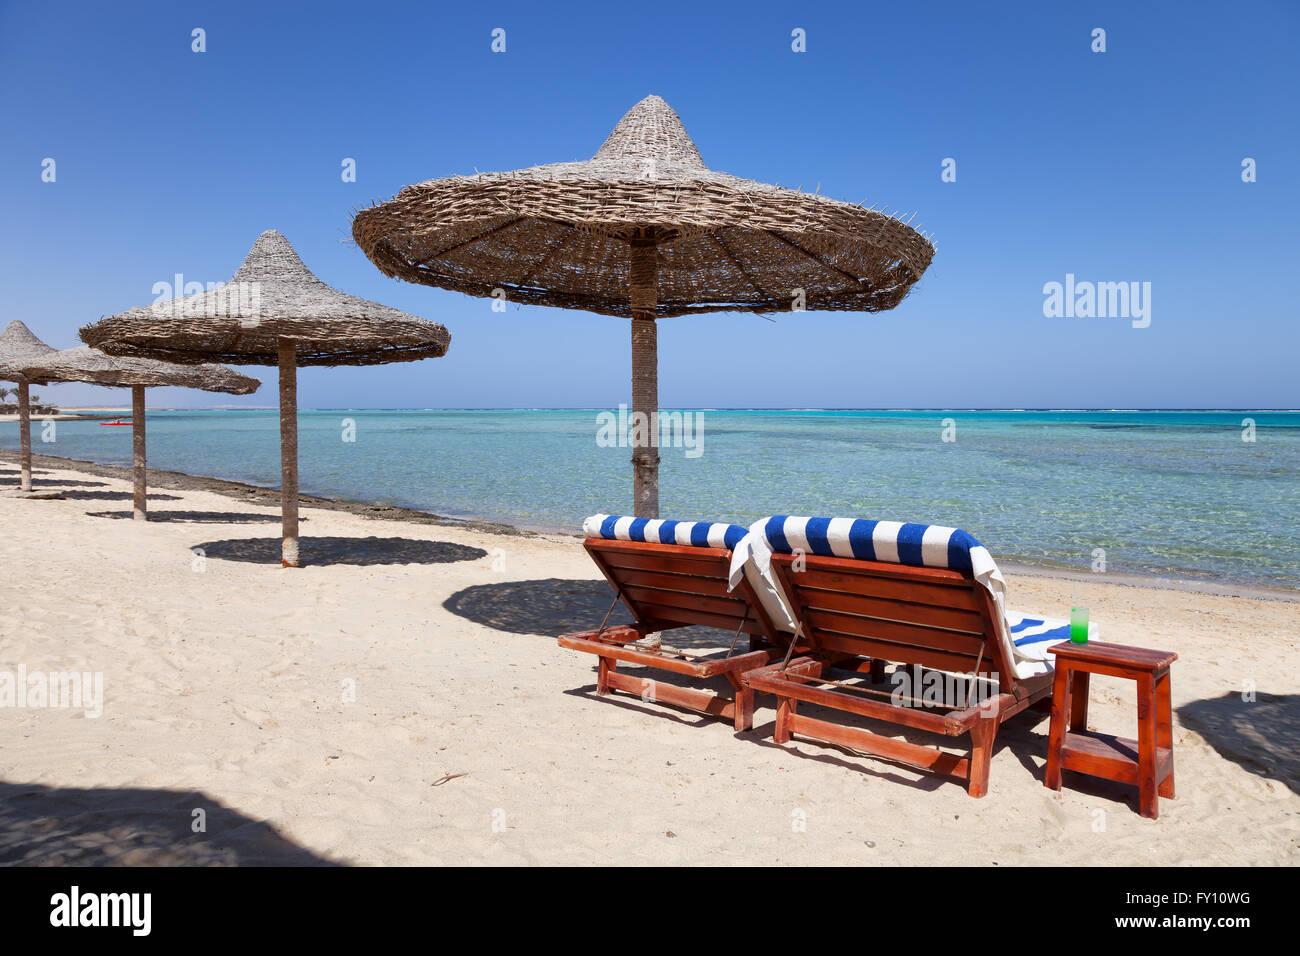 Marsa Alam spiaggia con due lettini e ombrellone, Egitto Immagini Stock